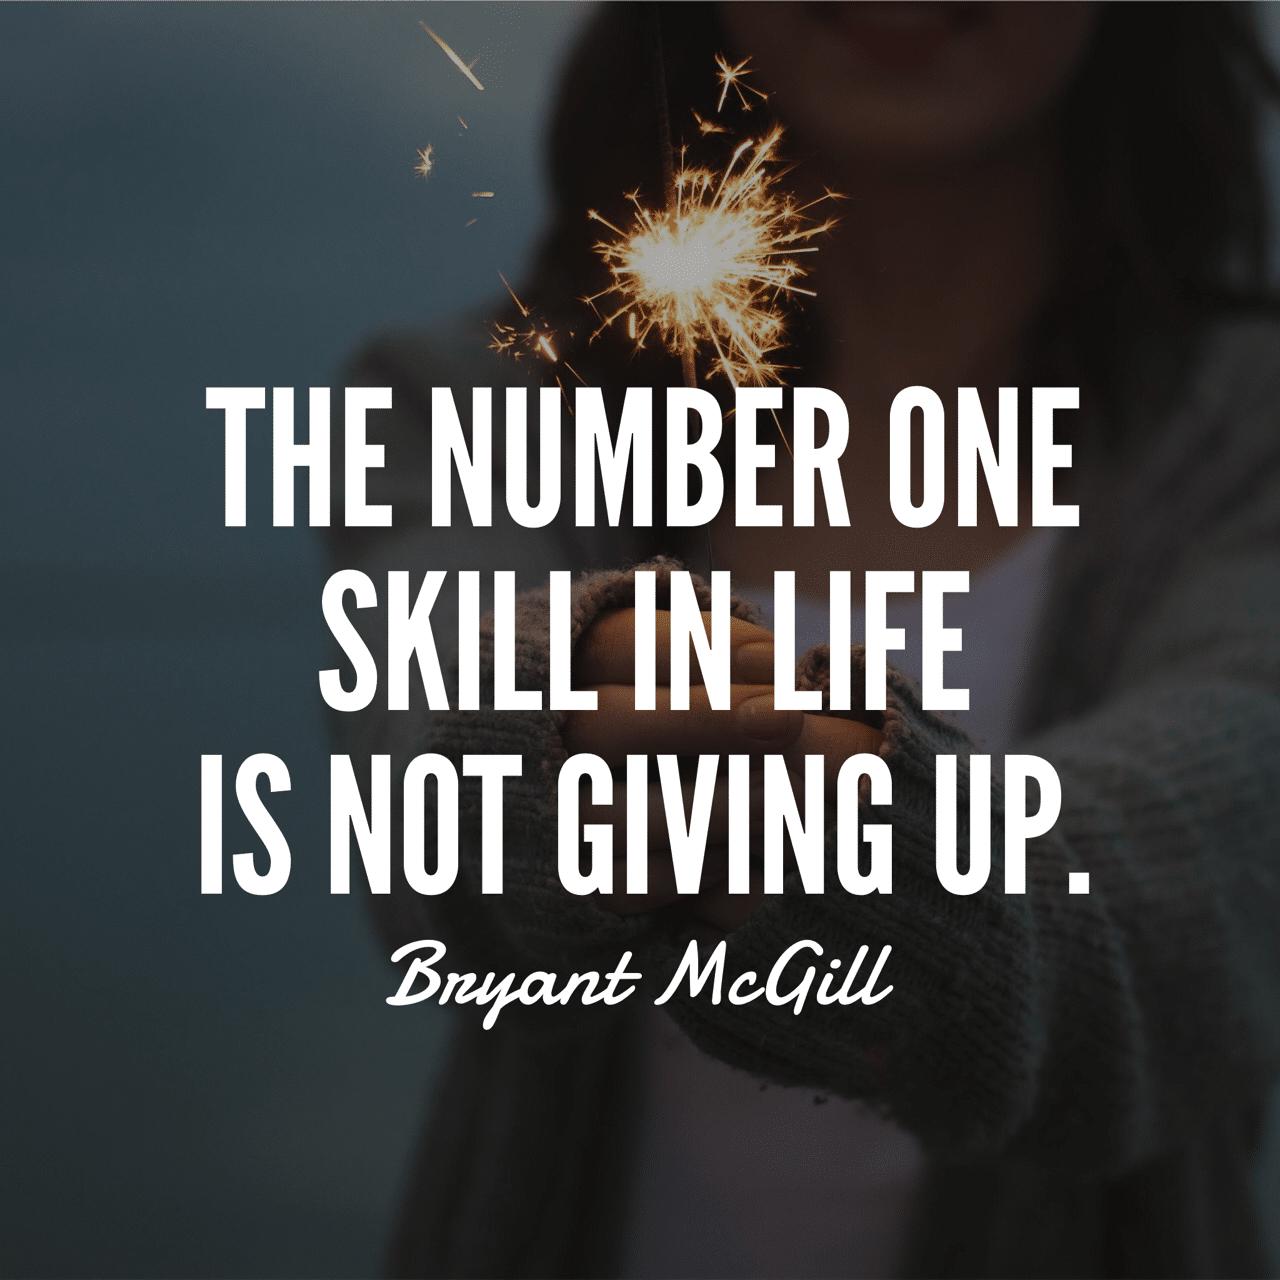 Bryant McGill quotes